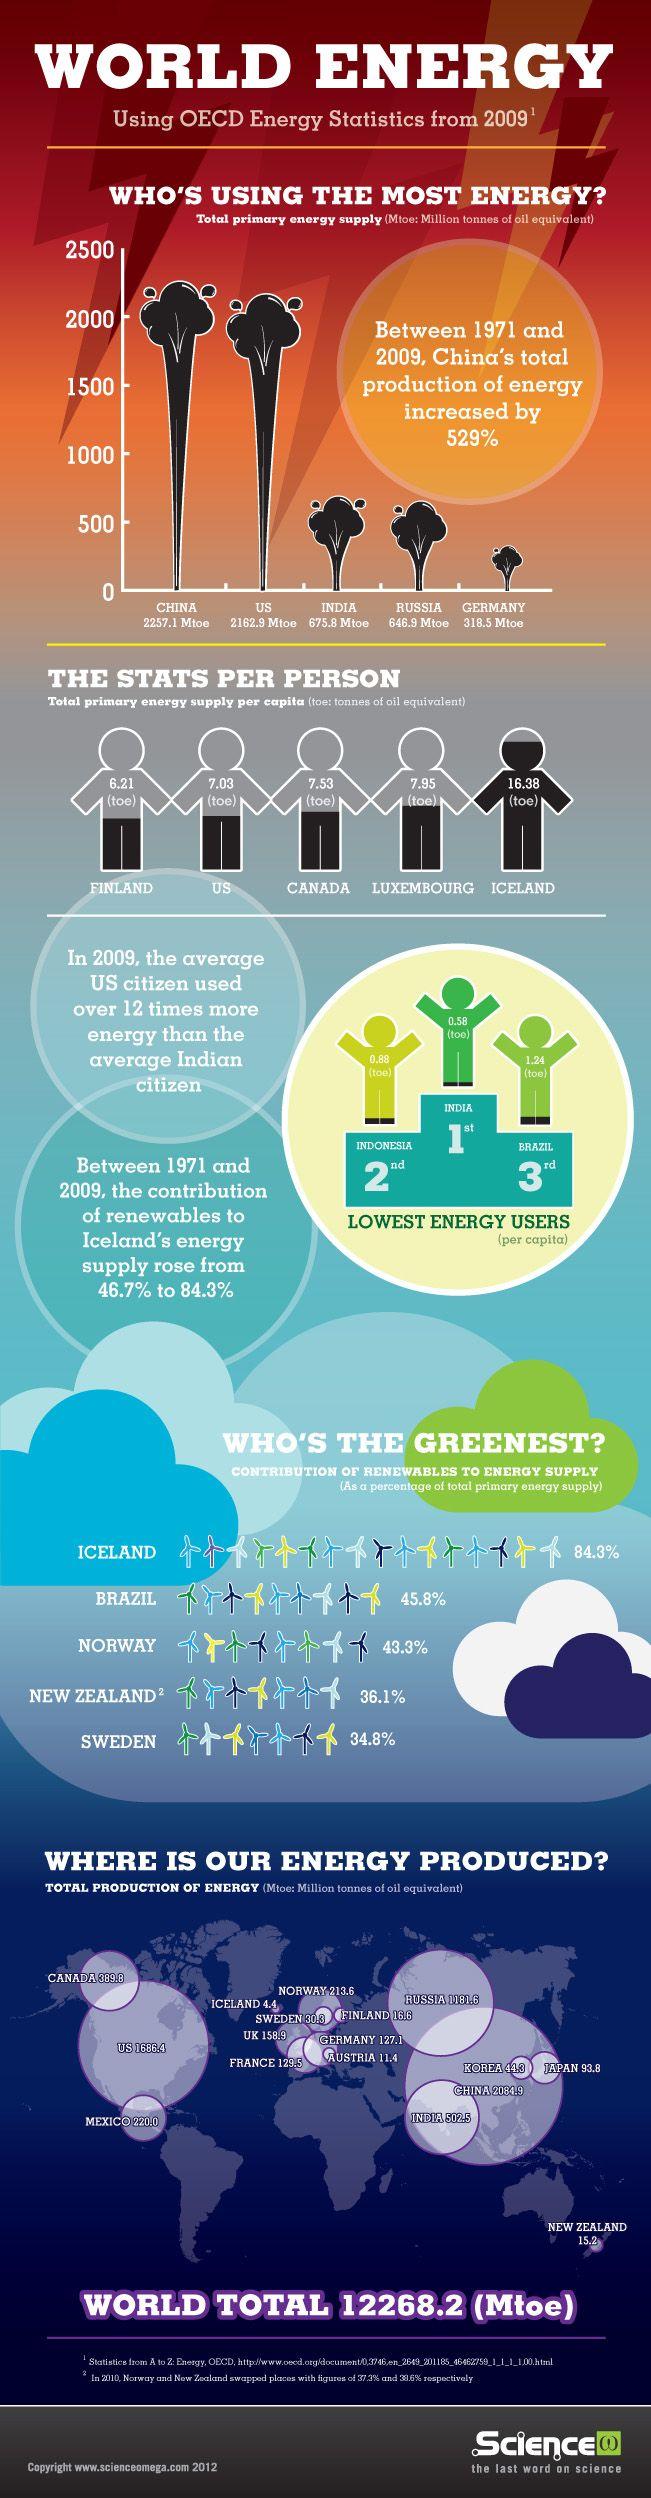 Producción y consumo energético en el Mundo #infografia #infographic